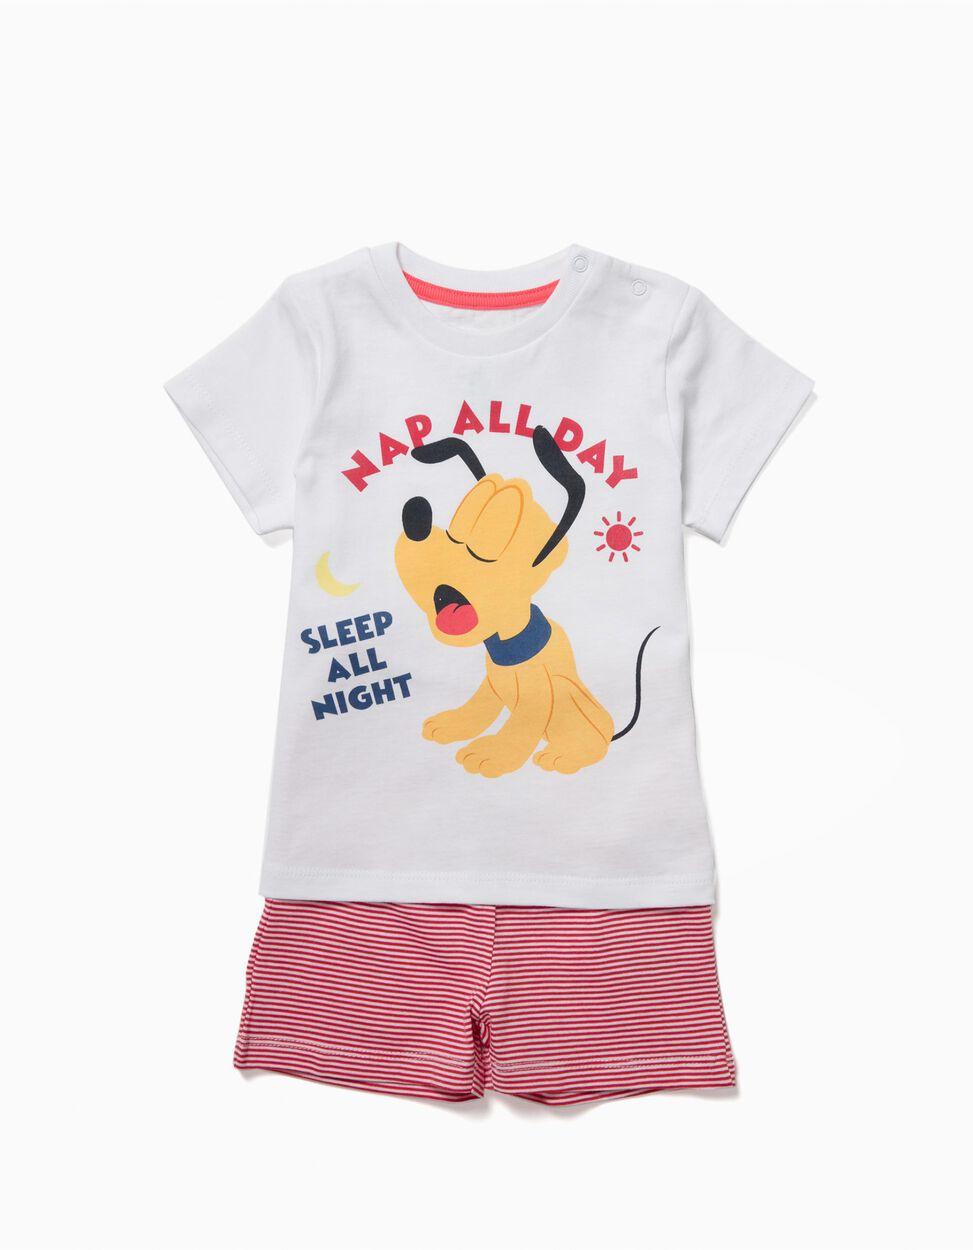 Pijama Pluto Nap All Day